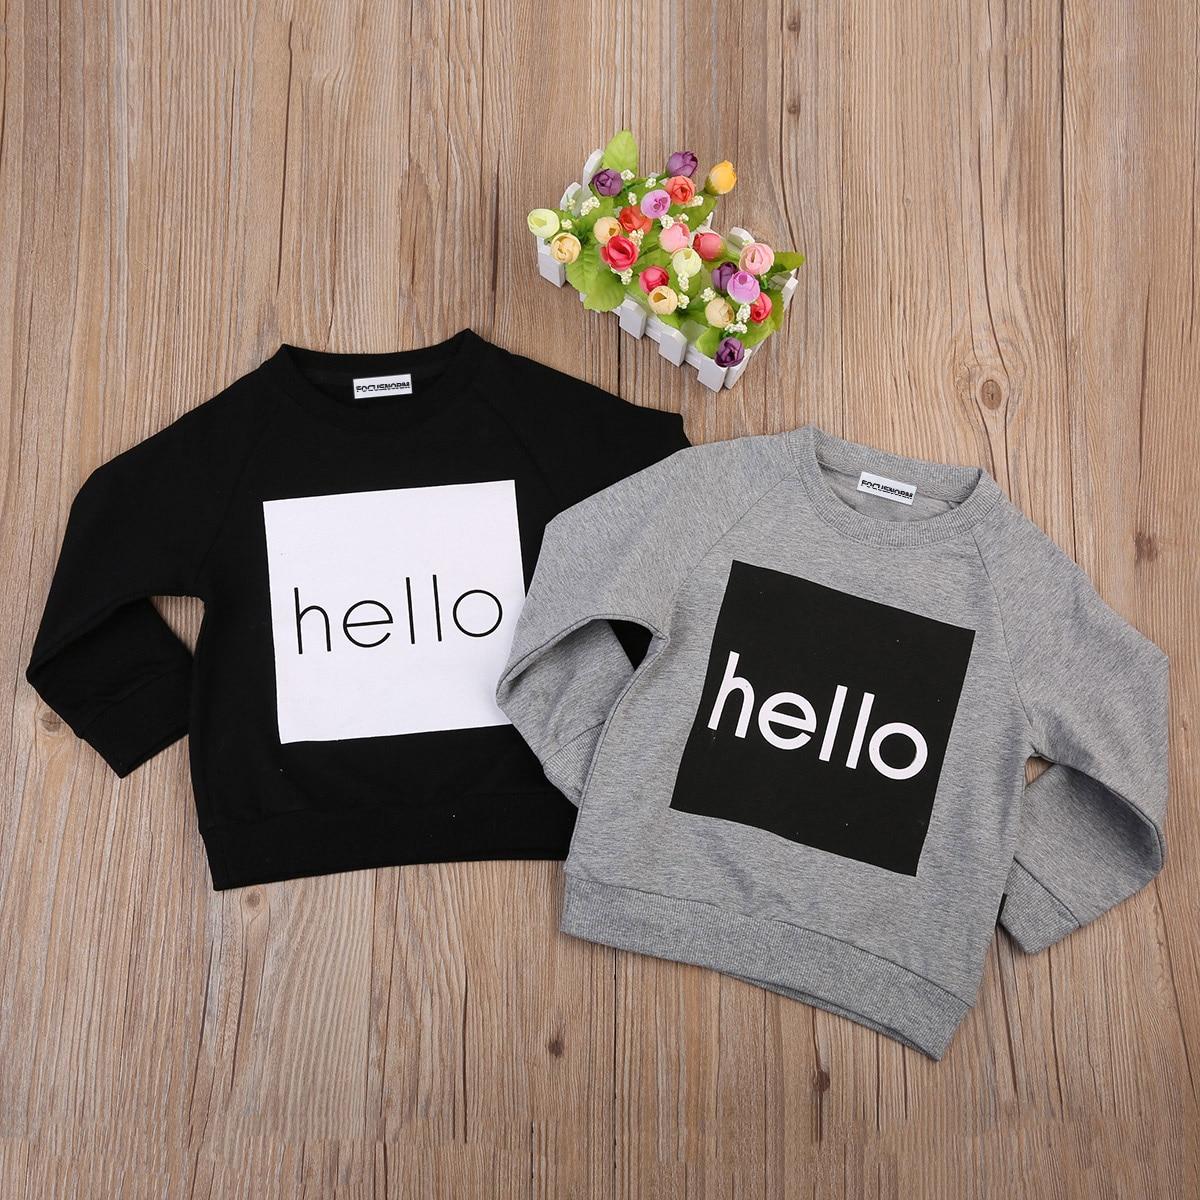 2017 Nieuwste Herfst Peuter Kinderen Jongen Meisje Unisex Warm Shirt Sweatshirt Casual Katoen Warme Lange Mouw Truien Jumpers Voor 1-6y Verkoopprijs